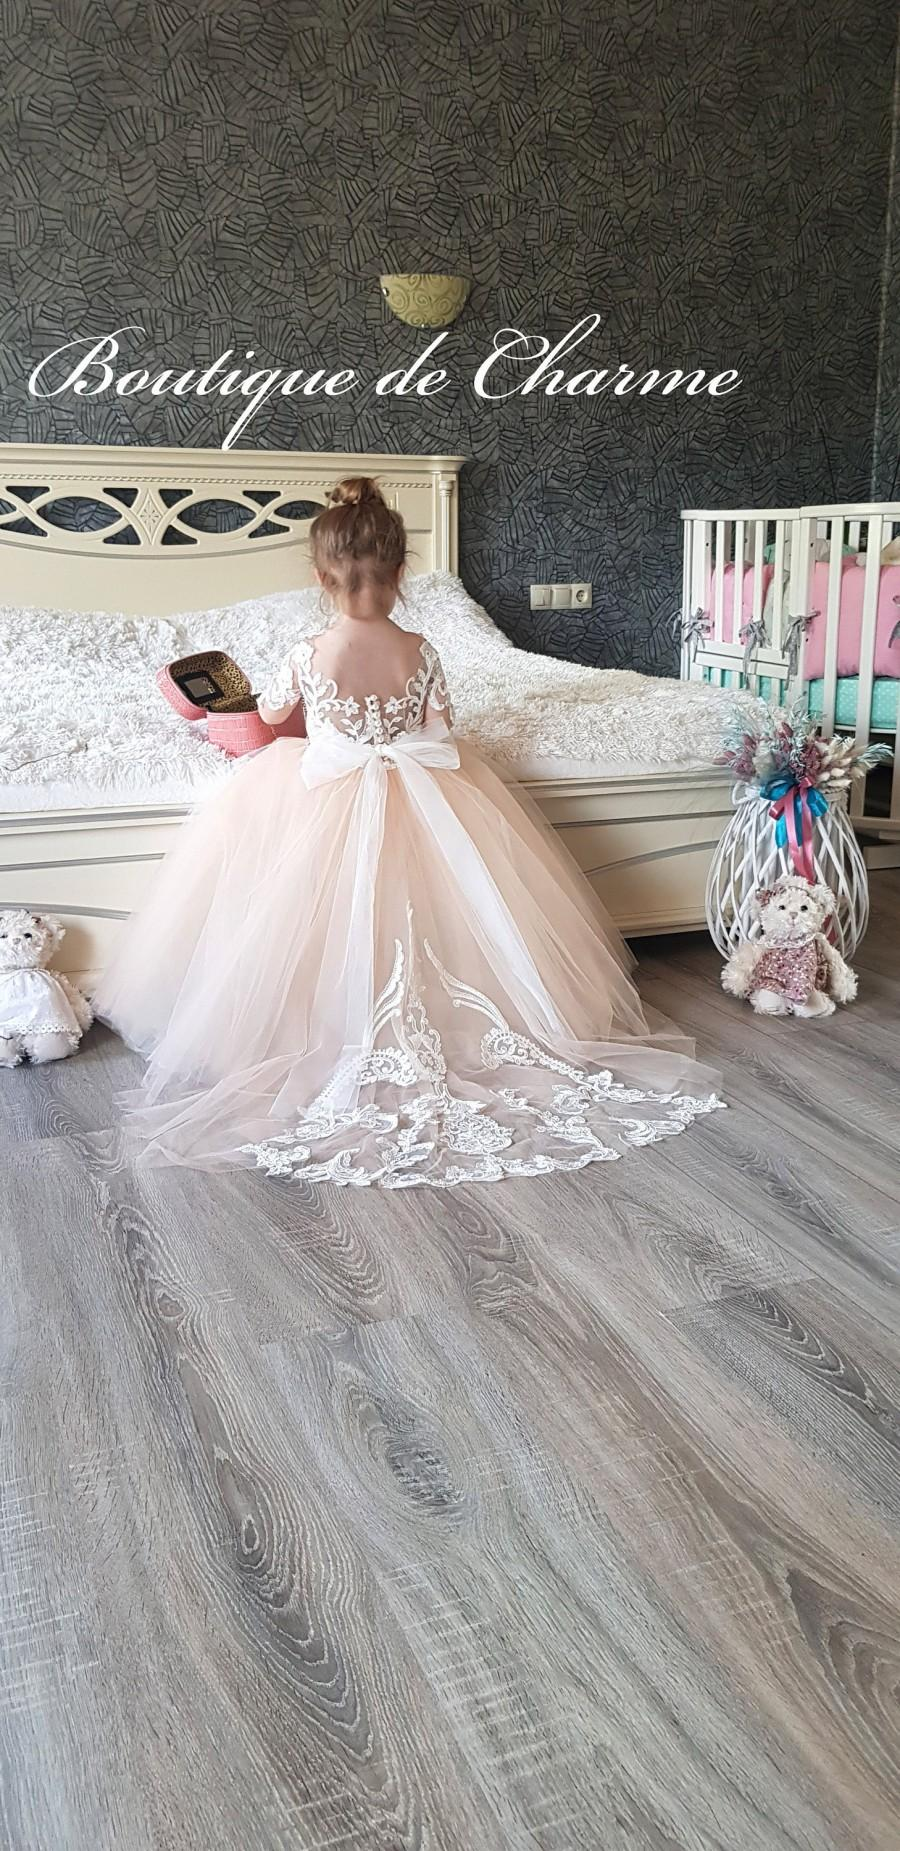 Wedding - Tutu girl dress,Tulle flower girl dress dress,Flower girls dresses,Princess flower girl dress,Lace dress,Flower girl dresses,Ivory dress